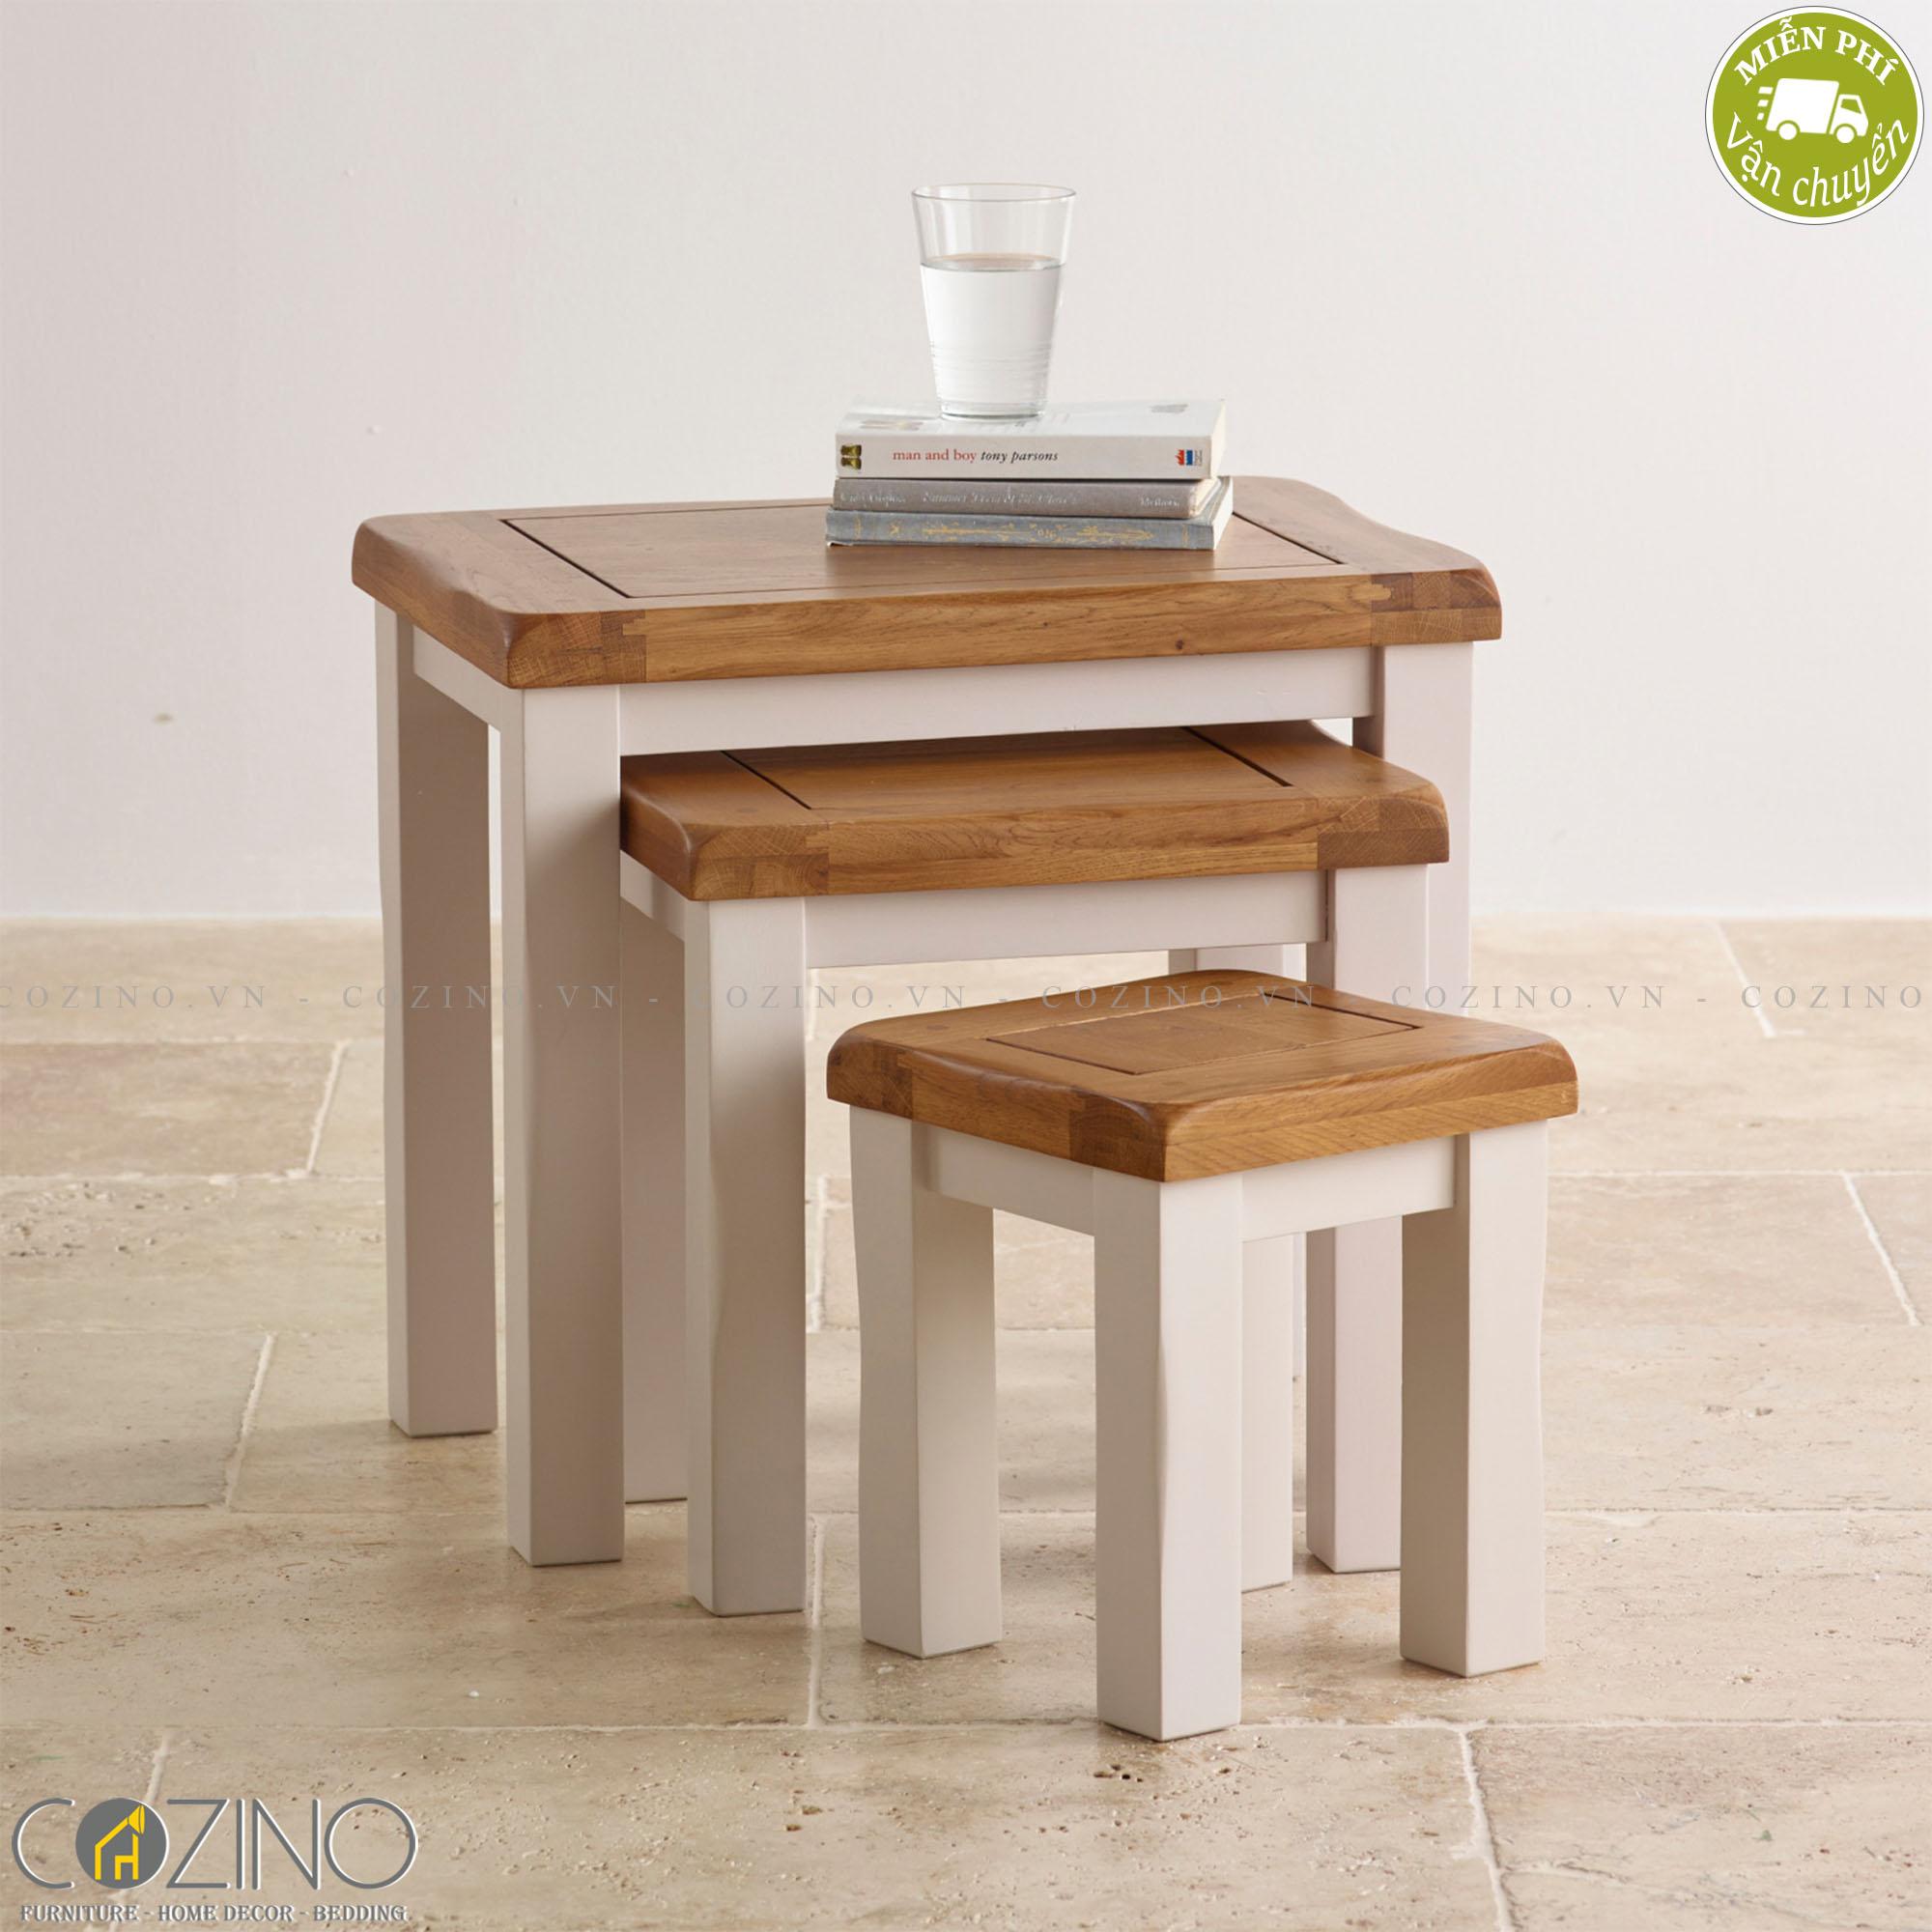 Bộ bàn xếp lồng Sintra 100% gỗ sồi  - cozino